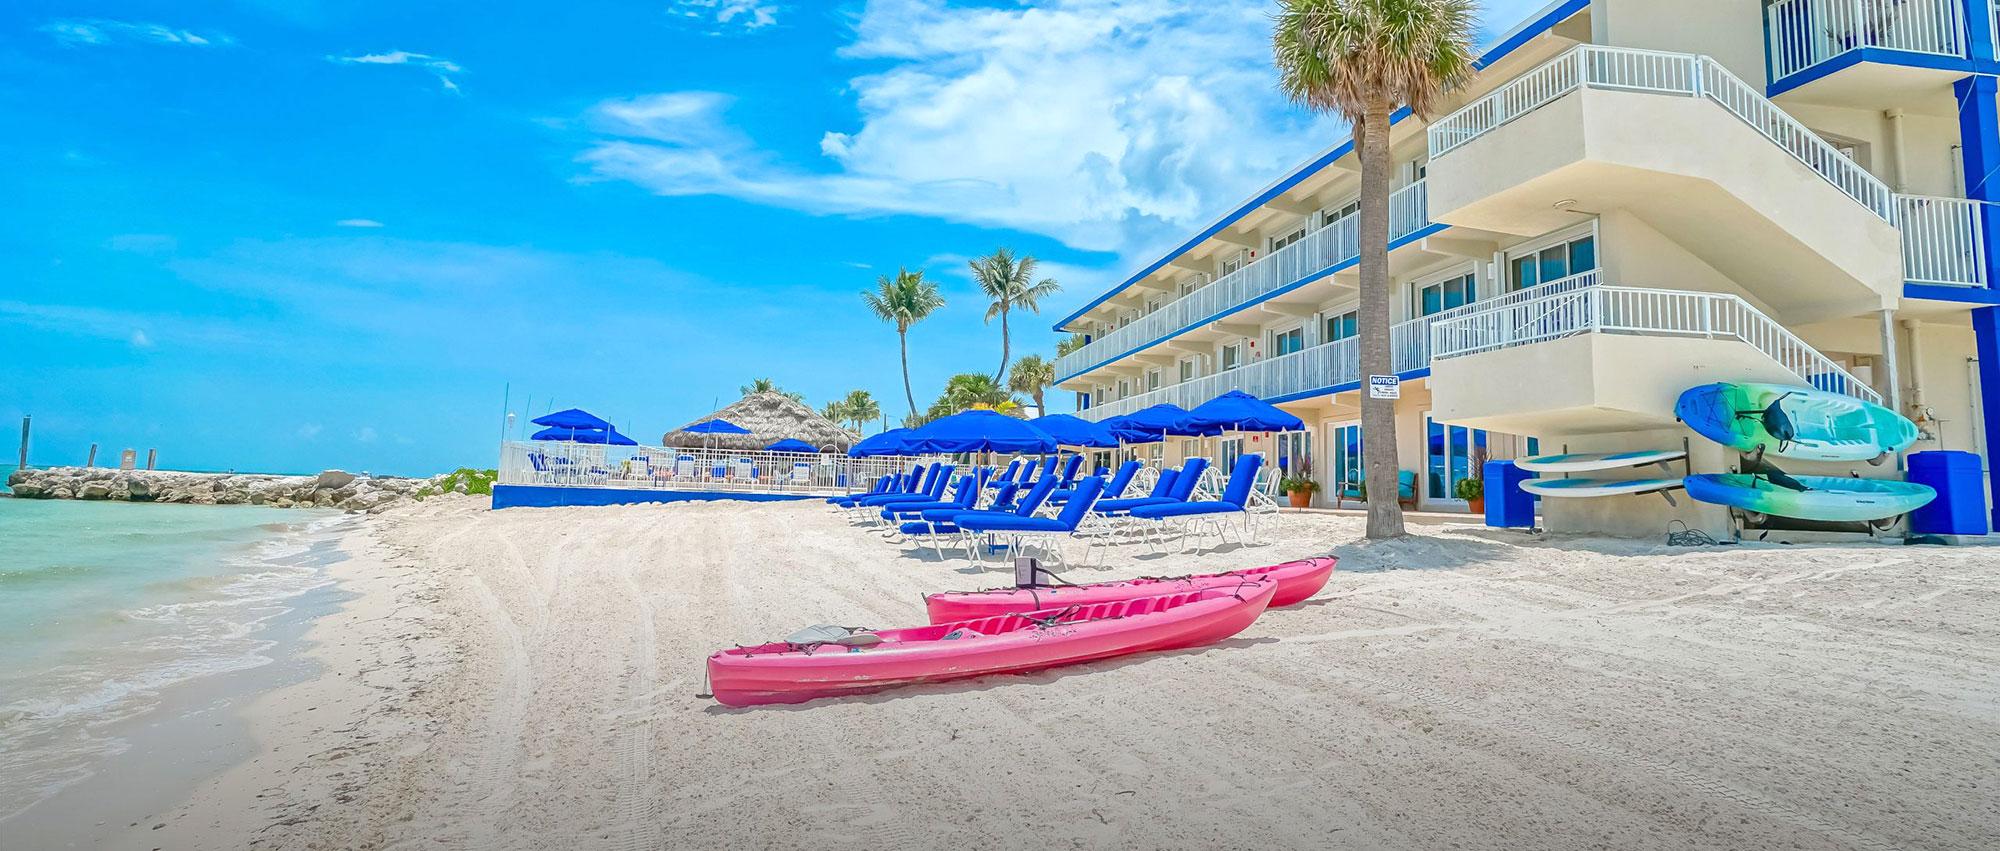 Glunz Hotel and Resort